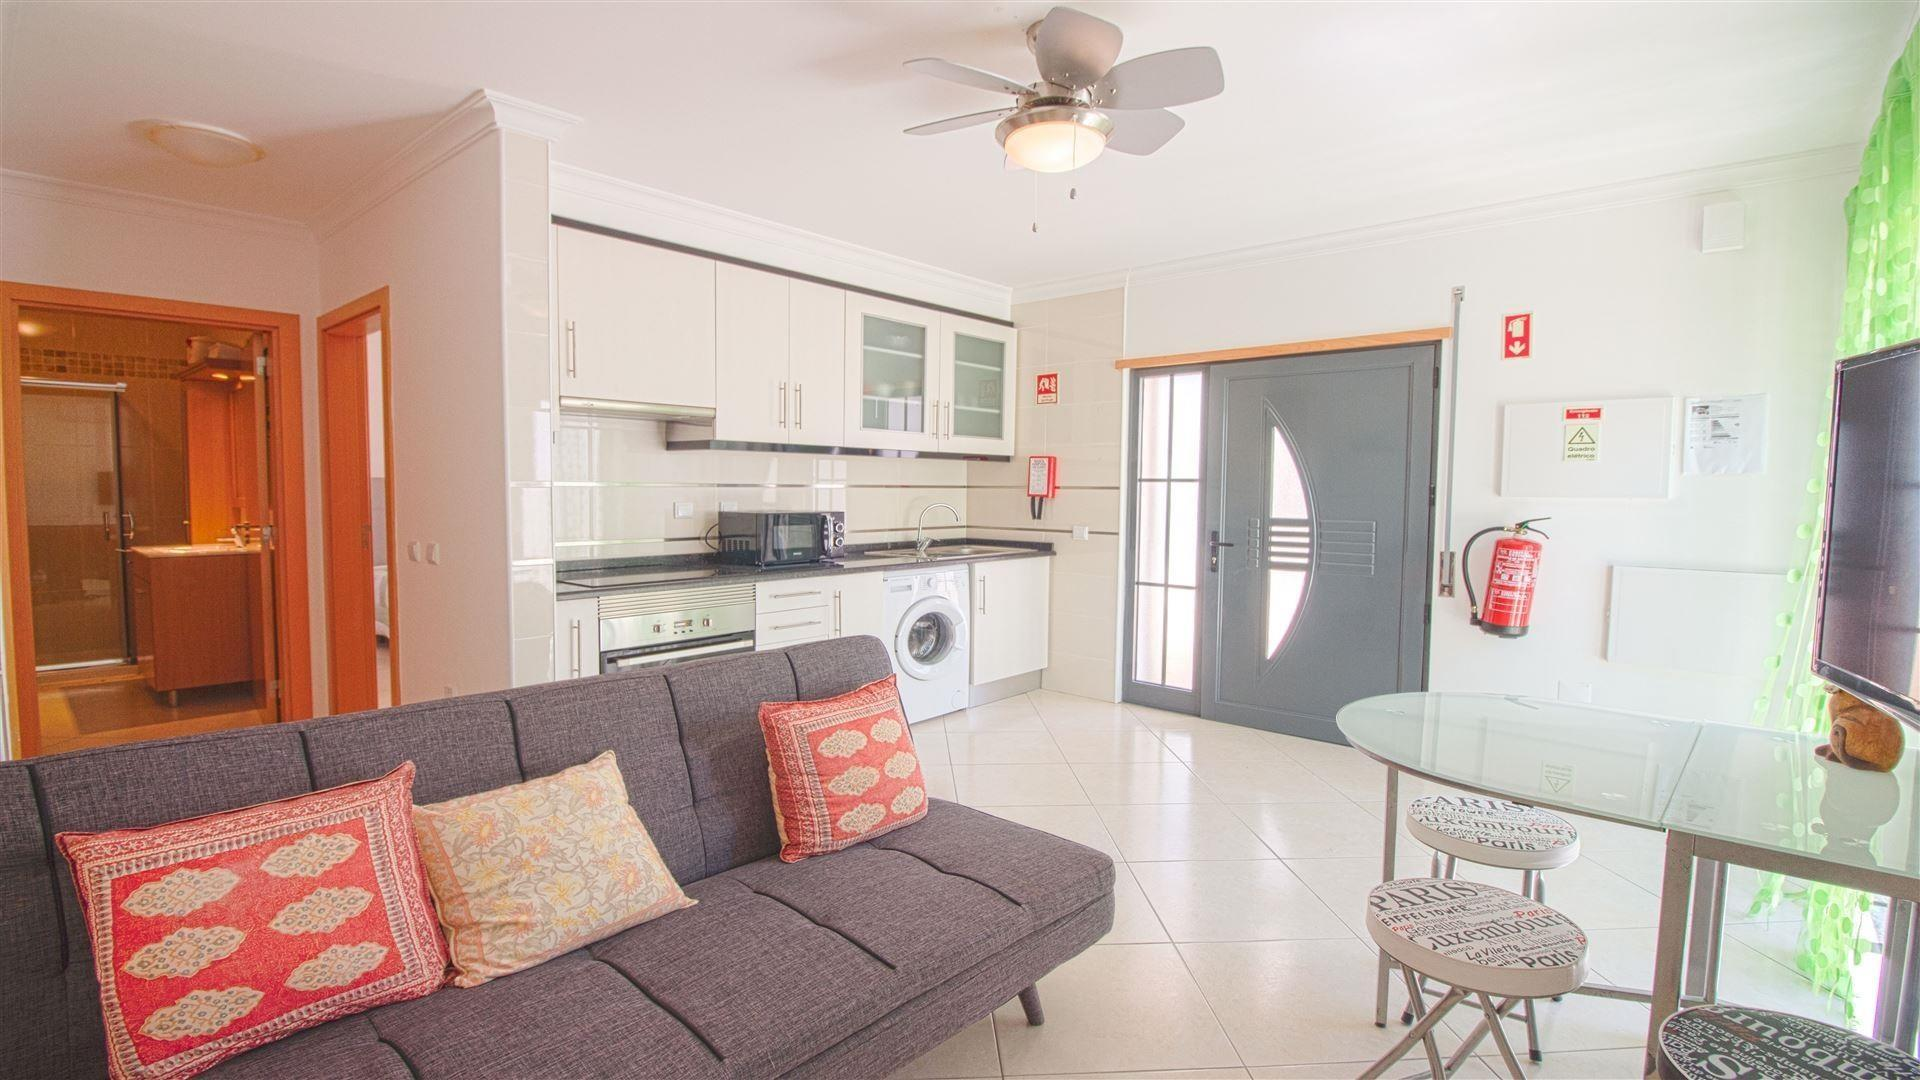 Apartamento  T1 - Algarve, Manta Rota, Vila Real de Santo António